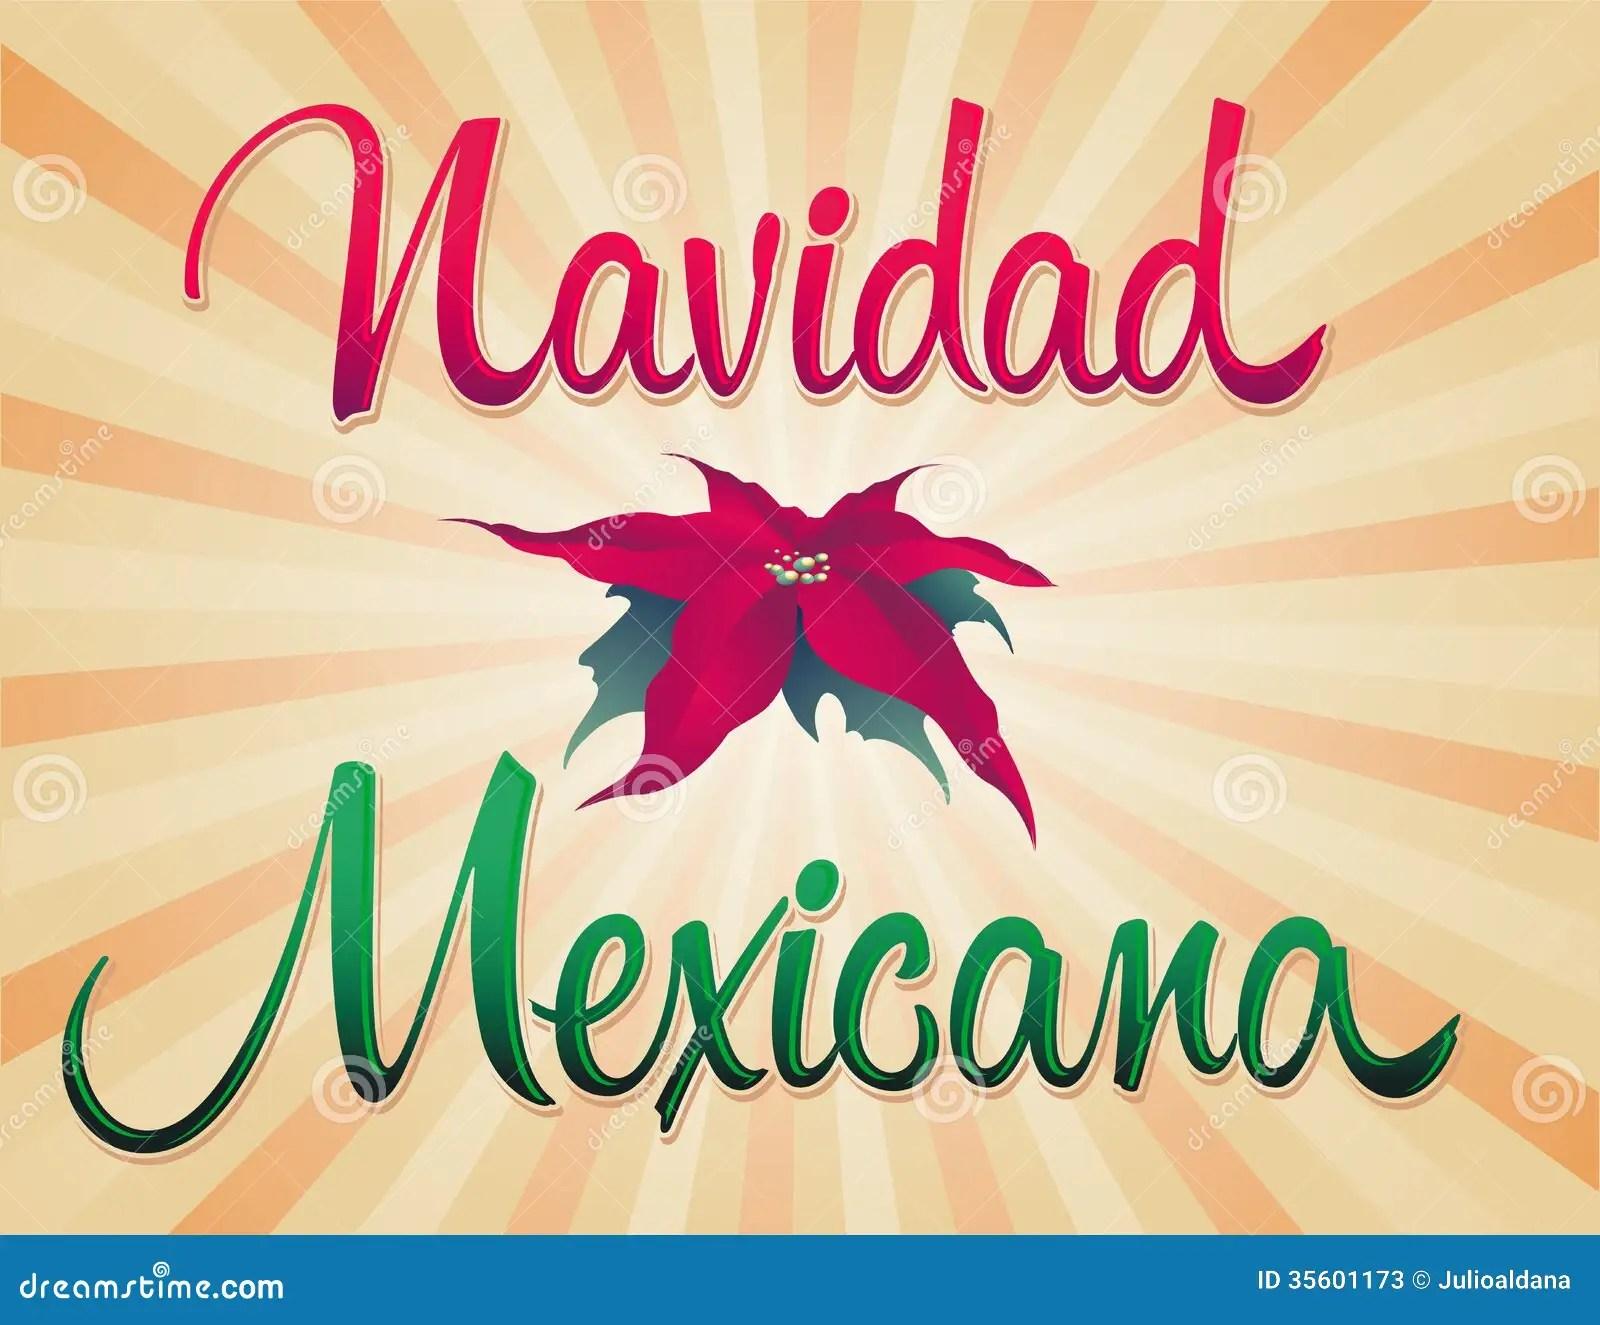 Navidad Mexicana Stock Photos Image 35601173